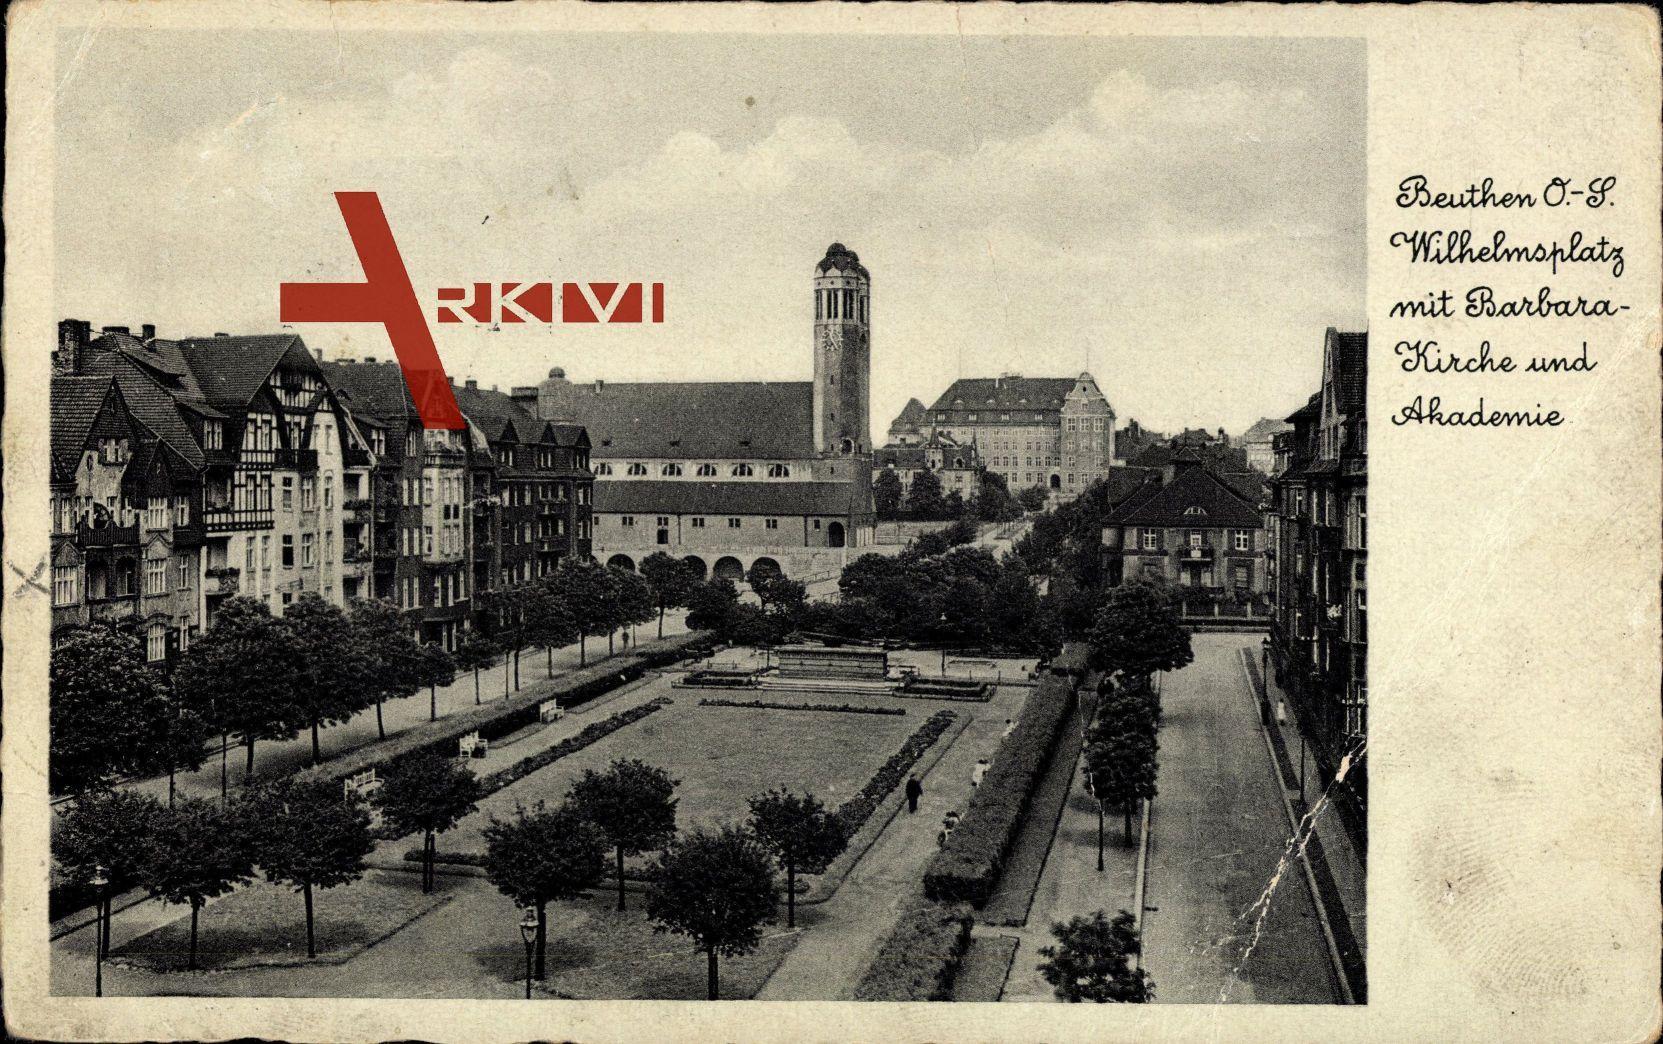 Beuthen Schlesien, Wilhelmsplatz mit Barbarossakirche und ademie